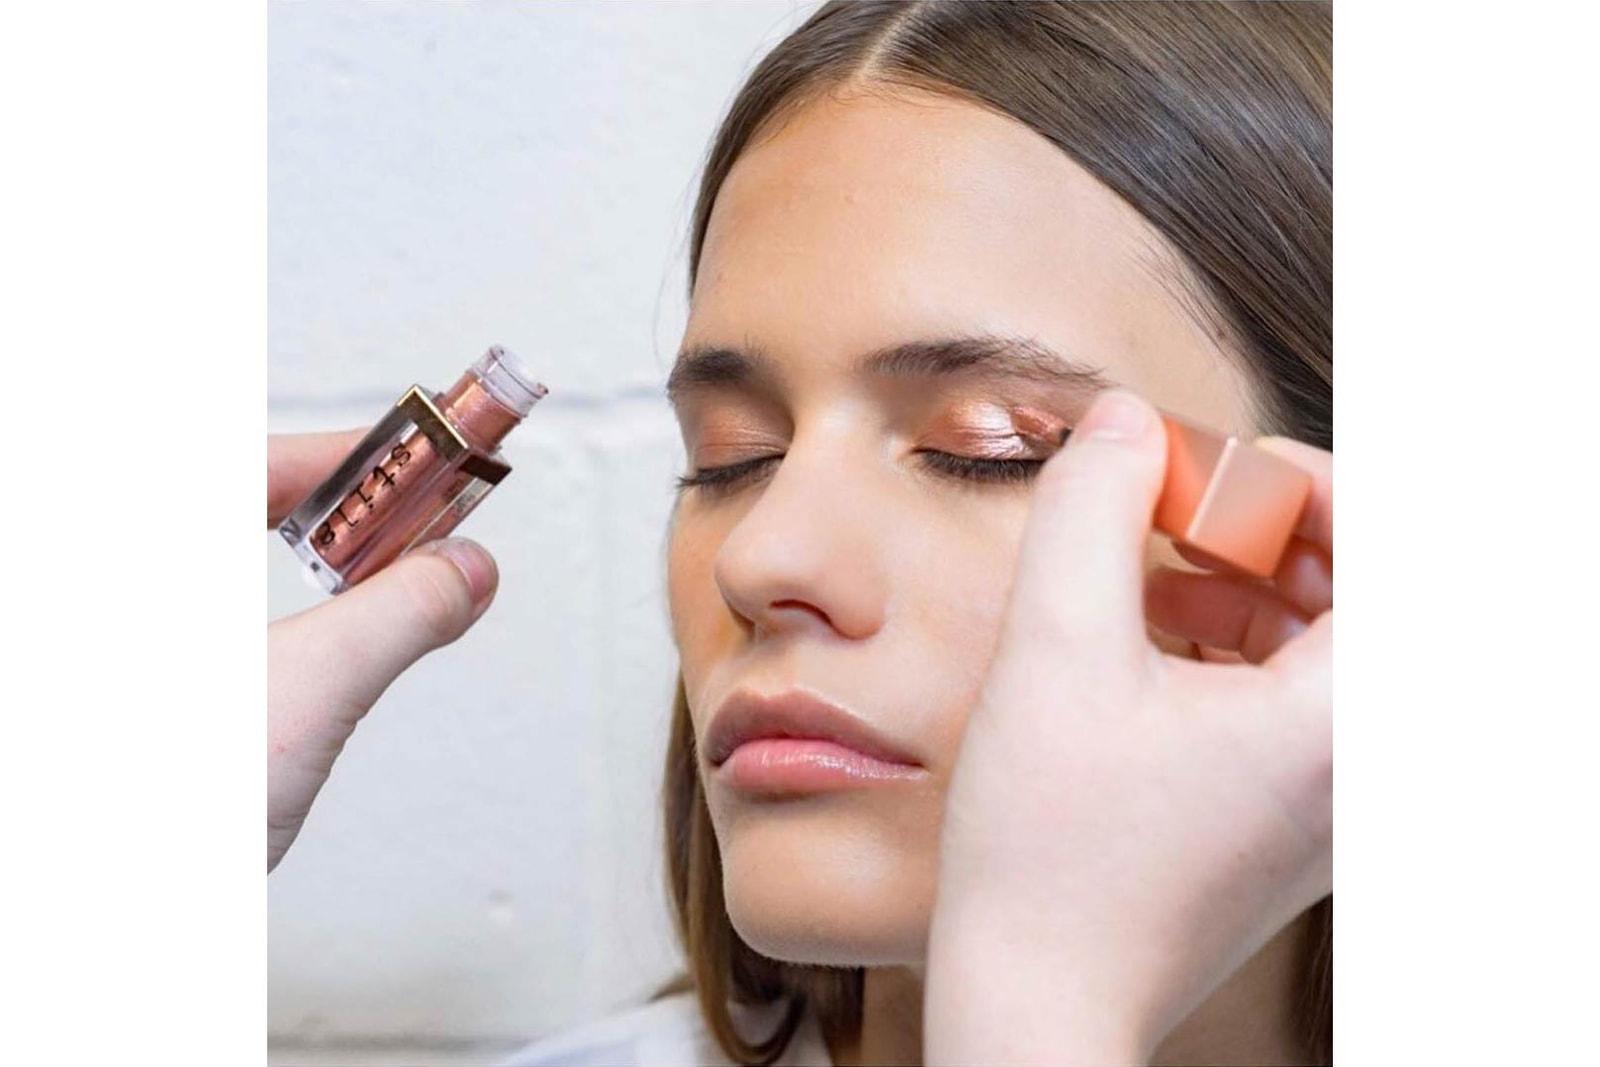 Stila Shimmer & Glow Eyeshadow 2018 NYFW Makeup